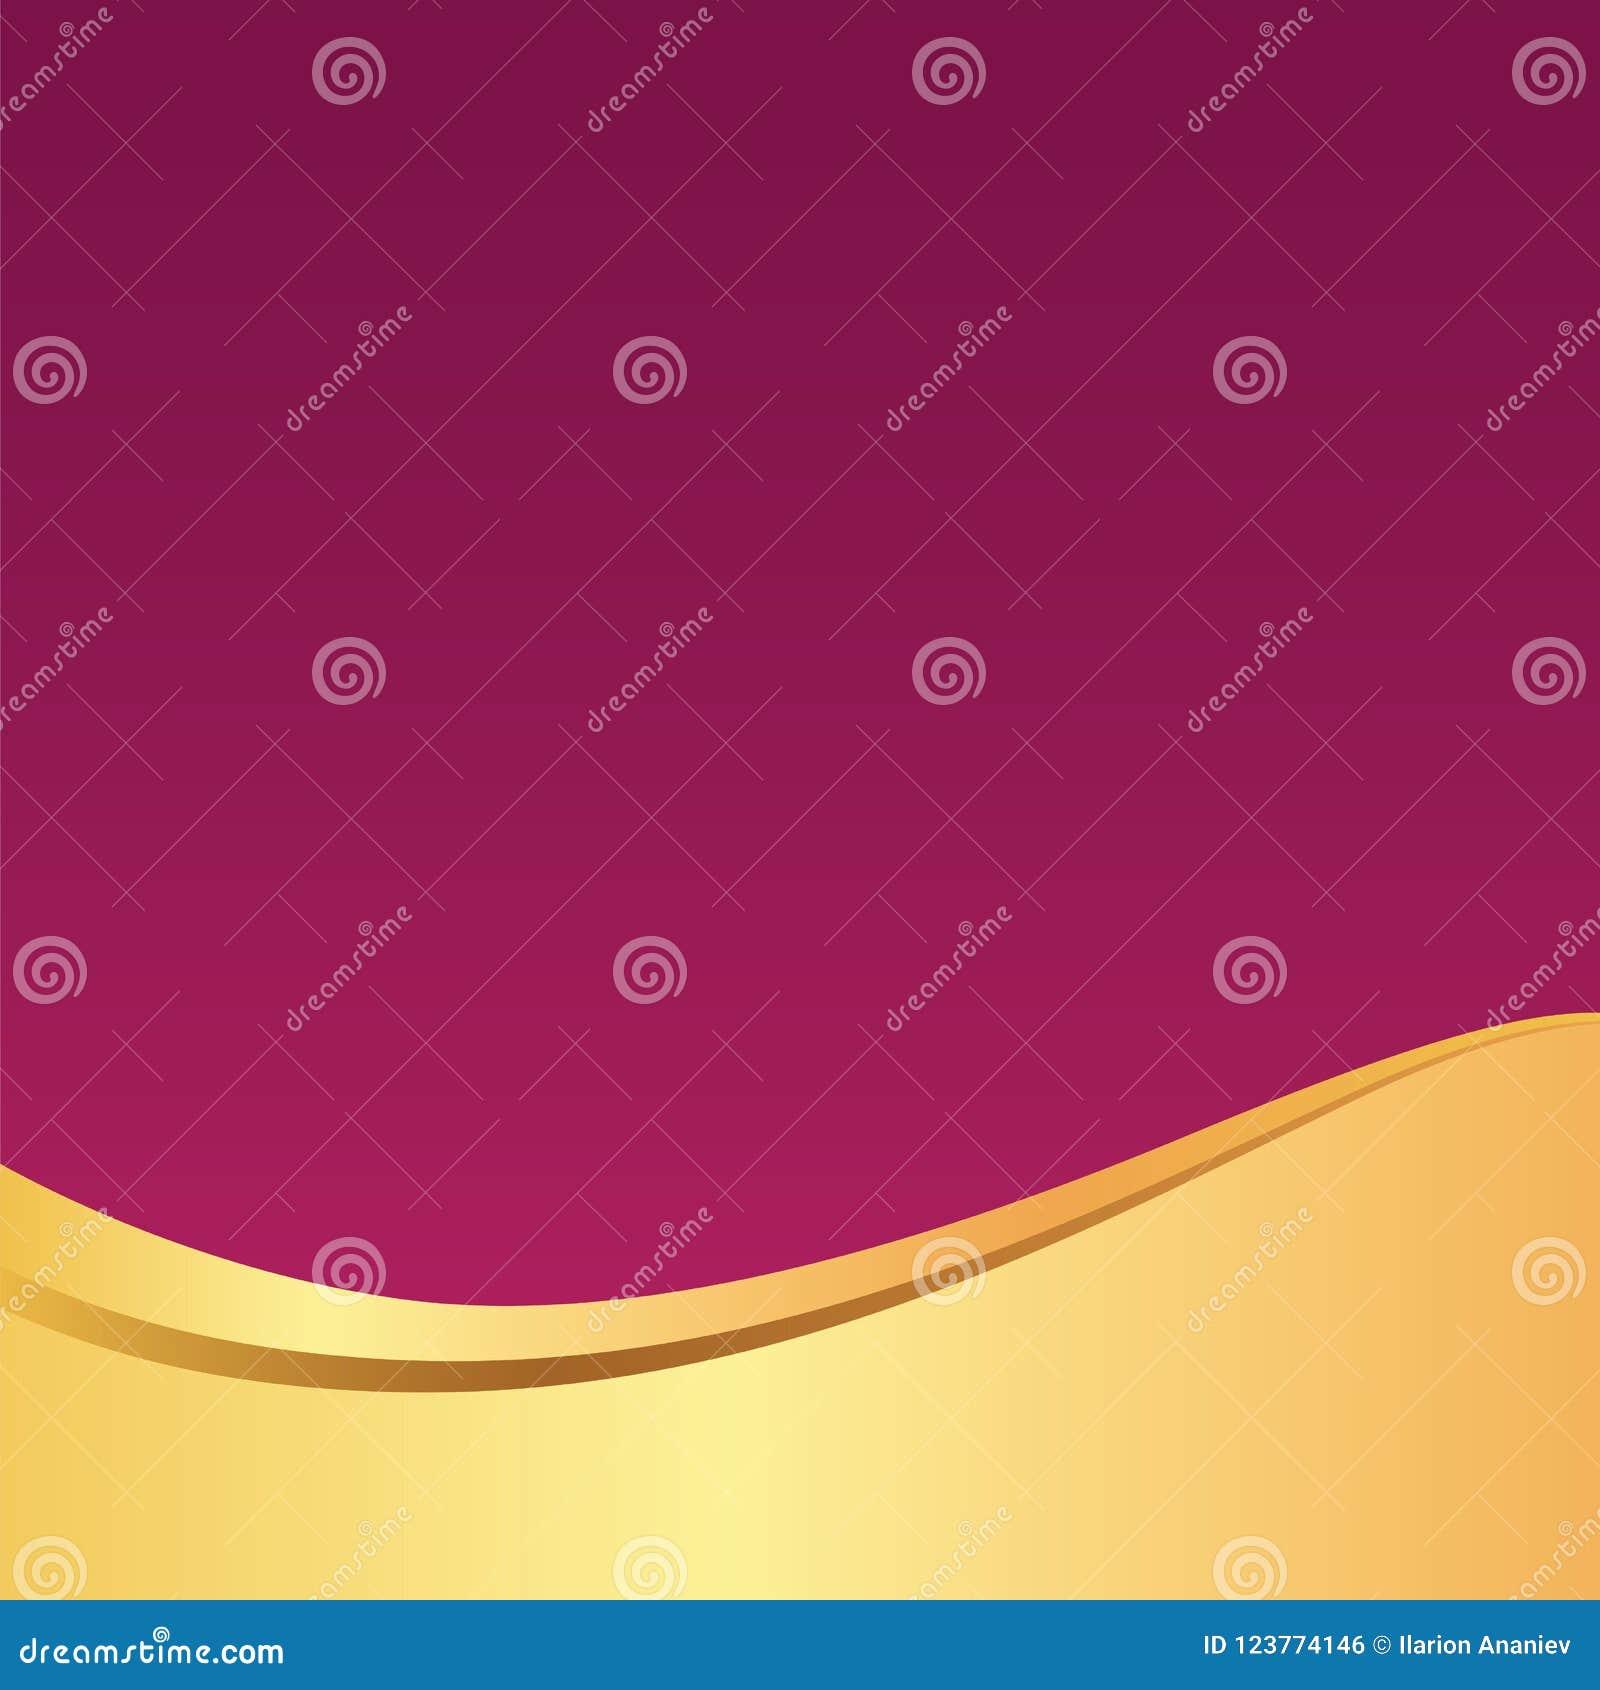 gold golden wave elegant violet background pattern for card